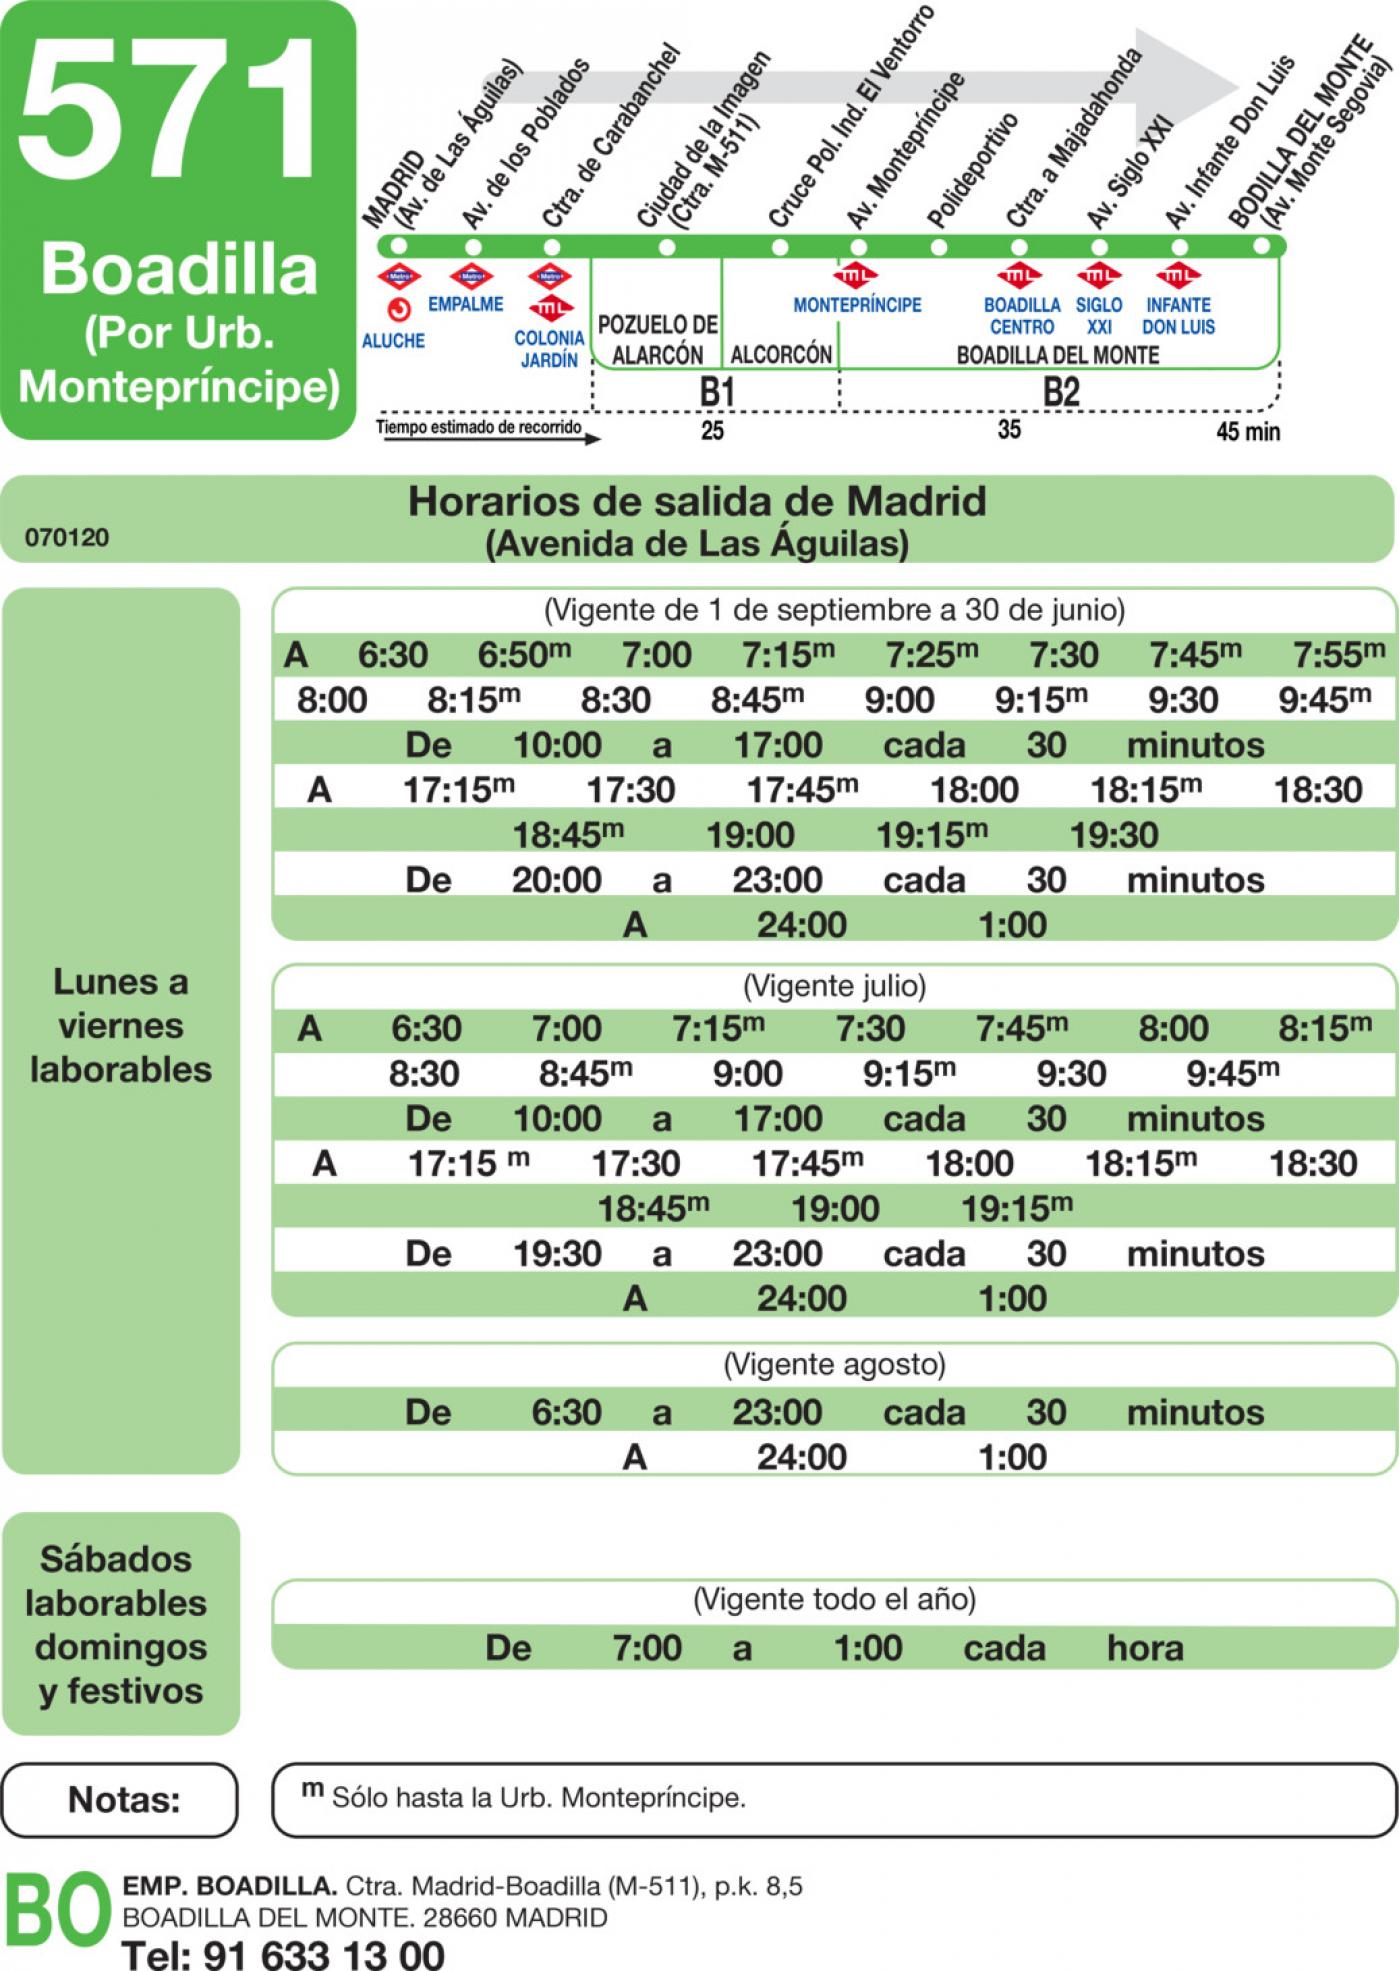 Tabla de horarios y frecuencias de paso en sentido ida Línea 571: Madrid (Aluche) - Boadilla (Urbanización Montepríncipe)